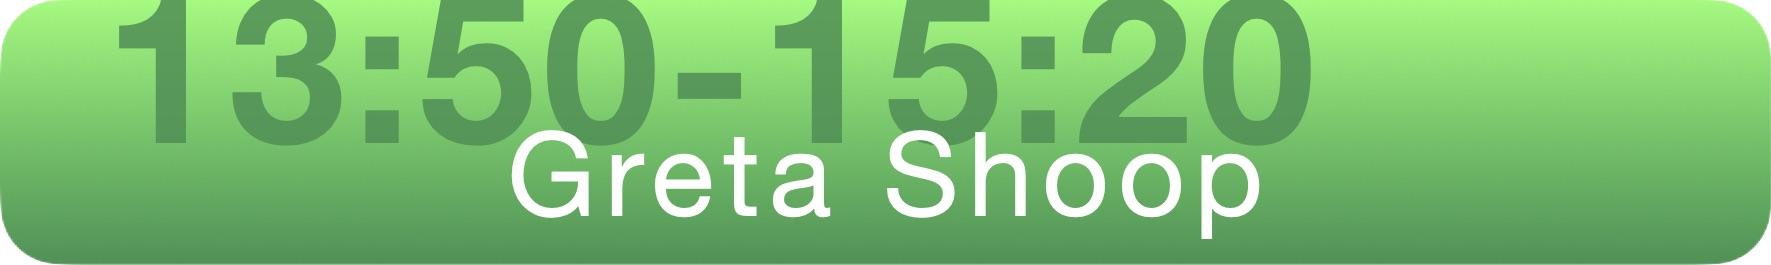 aa-greta-shoop-1350